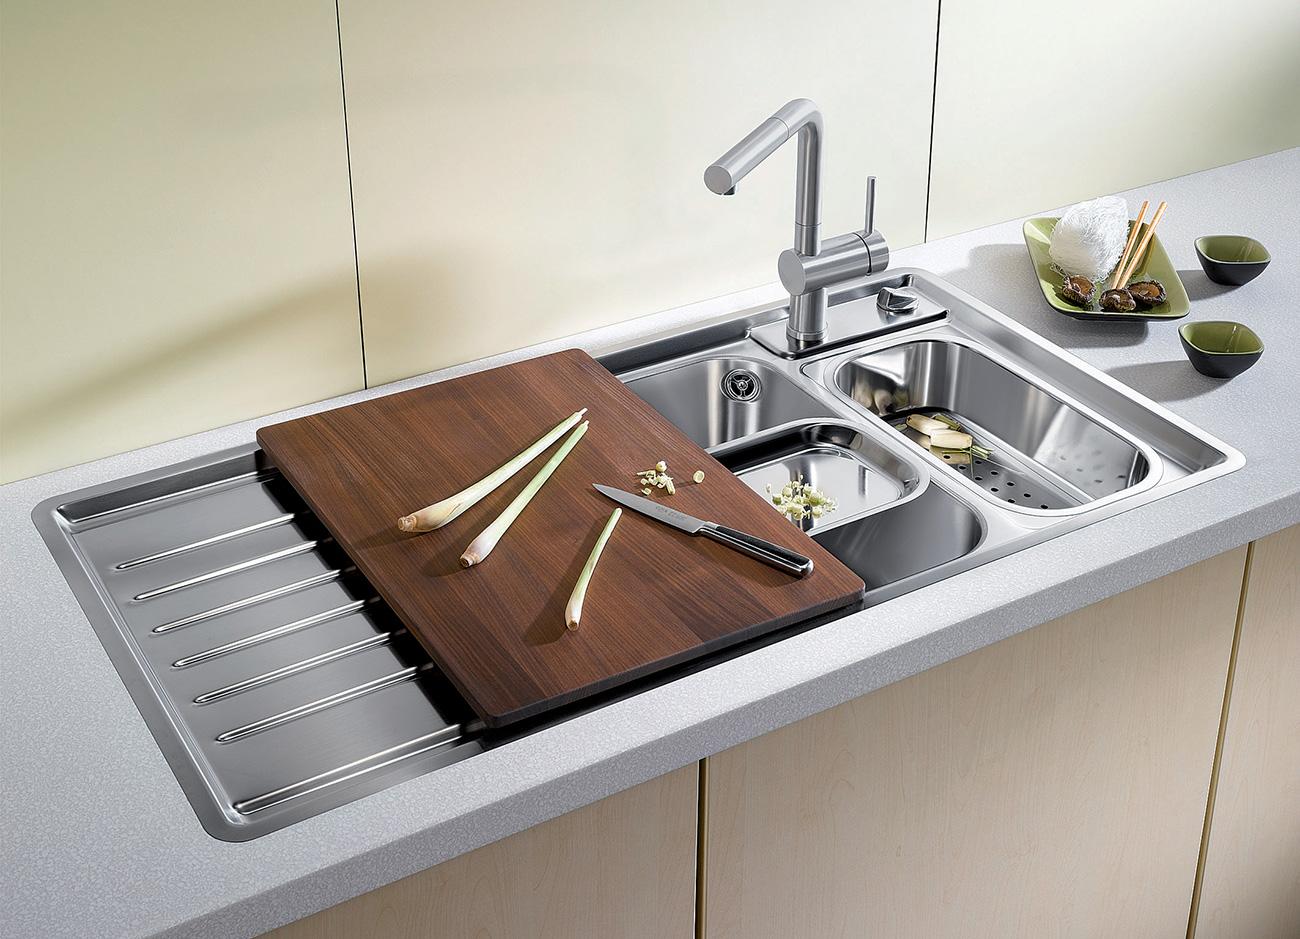 Évier de cuisine en inox et ses accessoires de BLANCO